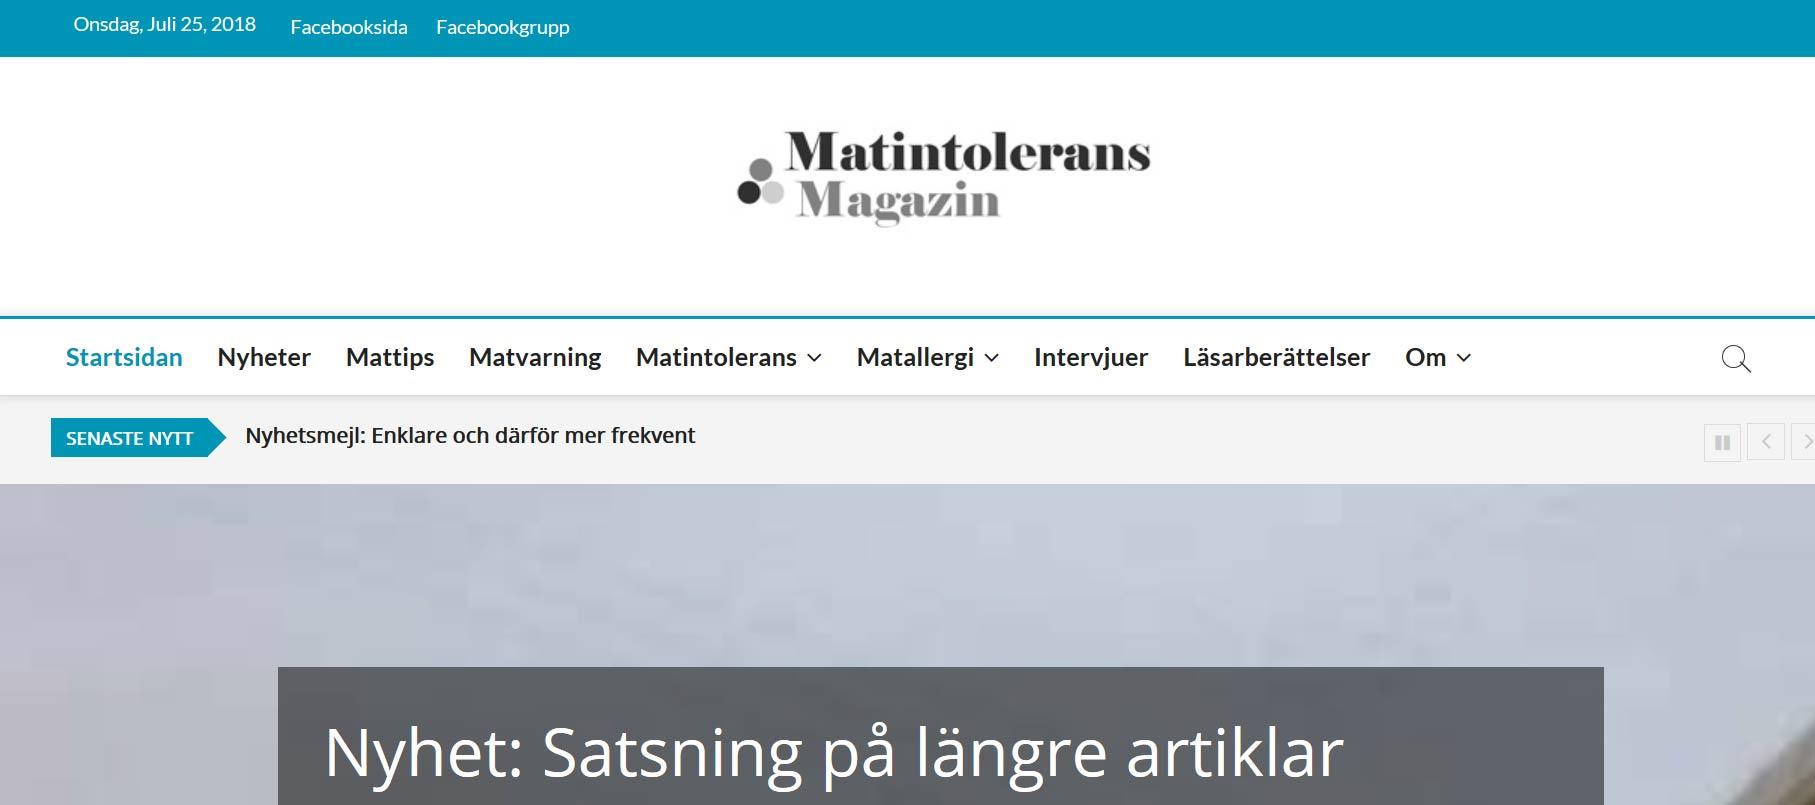 Nyhet: Ny fräsch design på Matintolerans Magazin